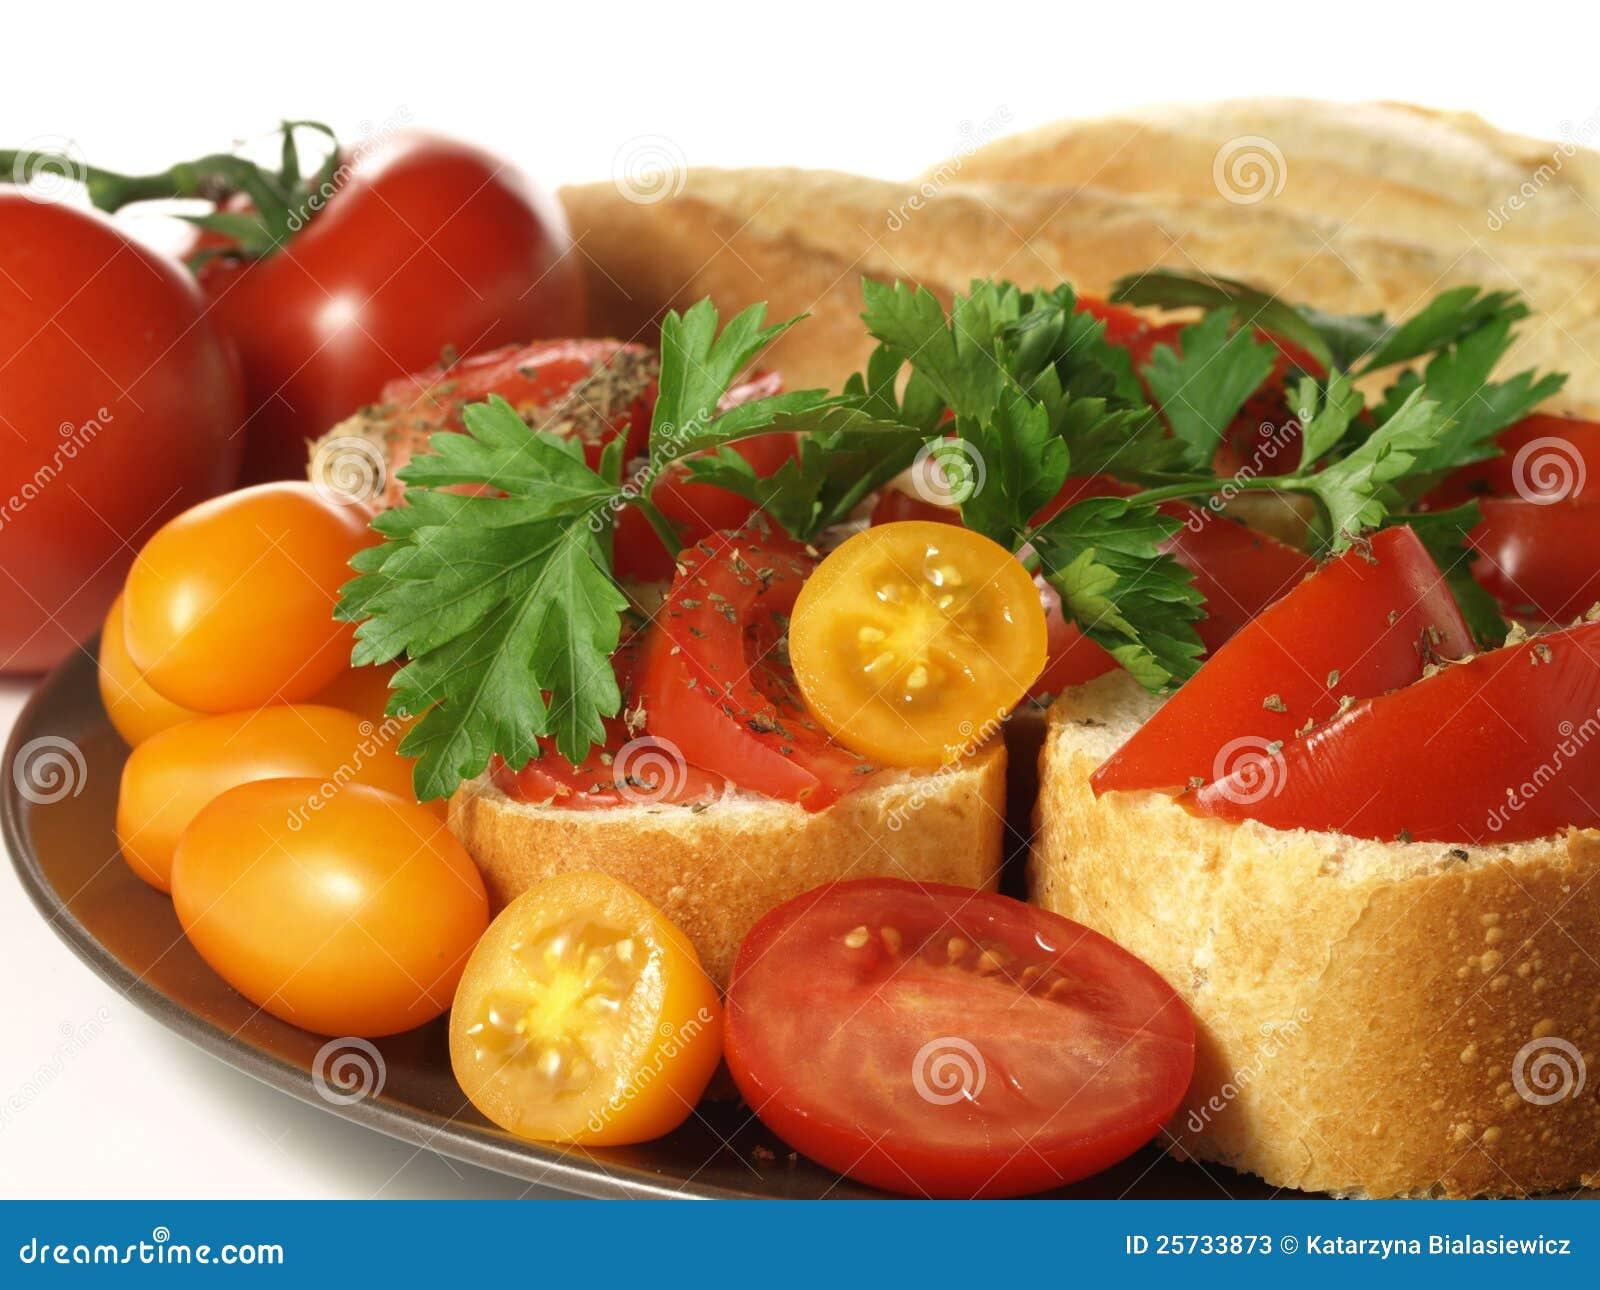 Tomato snack